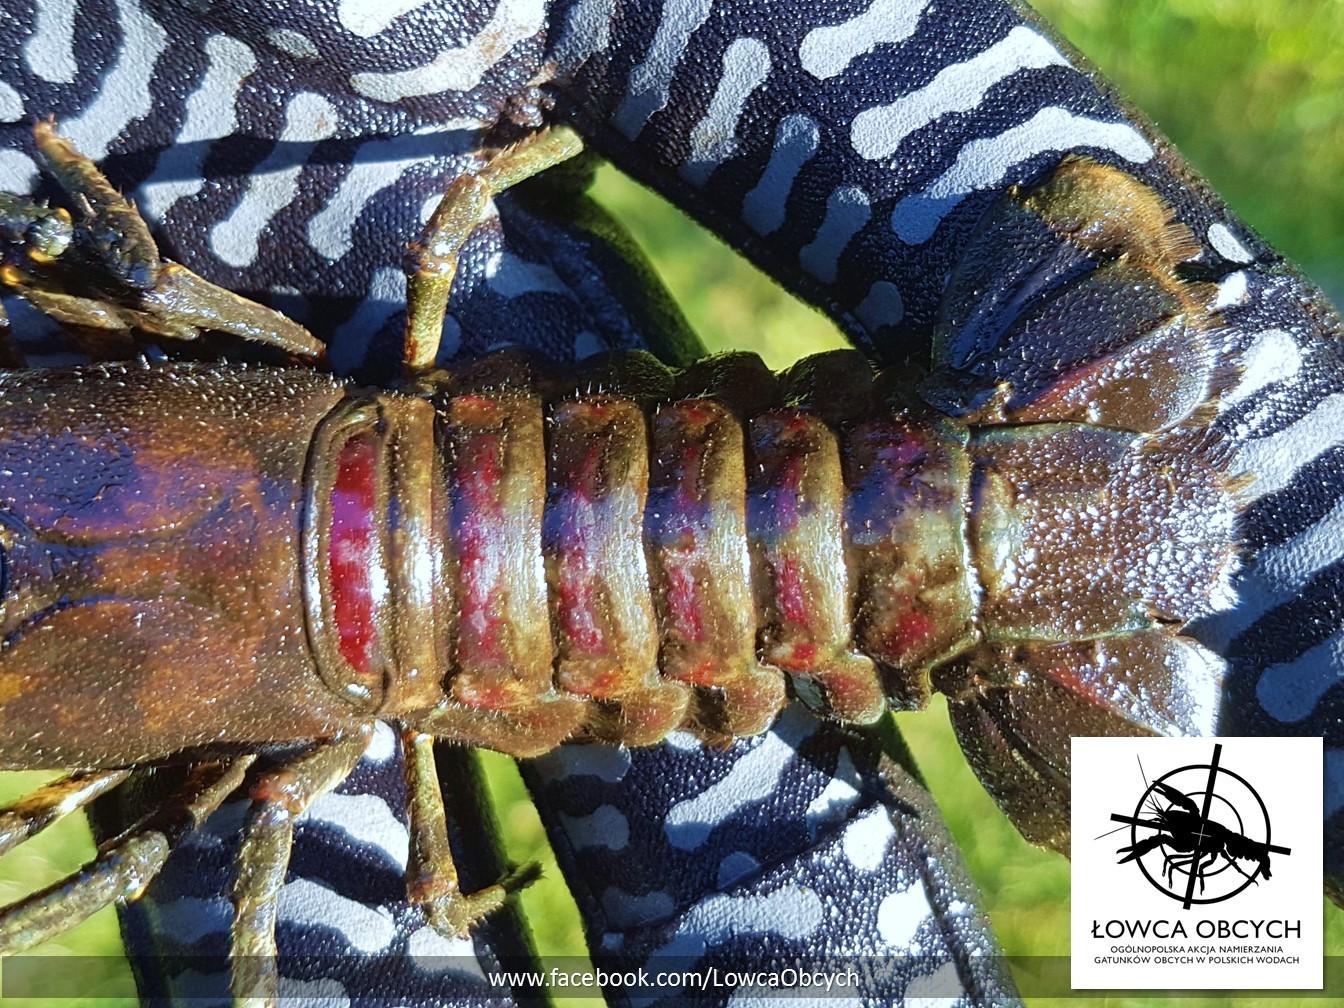 Rak pręgowaty (Faxonius limosus) – charakterystyczne wiśniowe pasy na odwłoku. Fot. R. Maciaszek